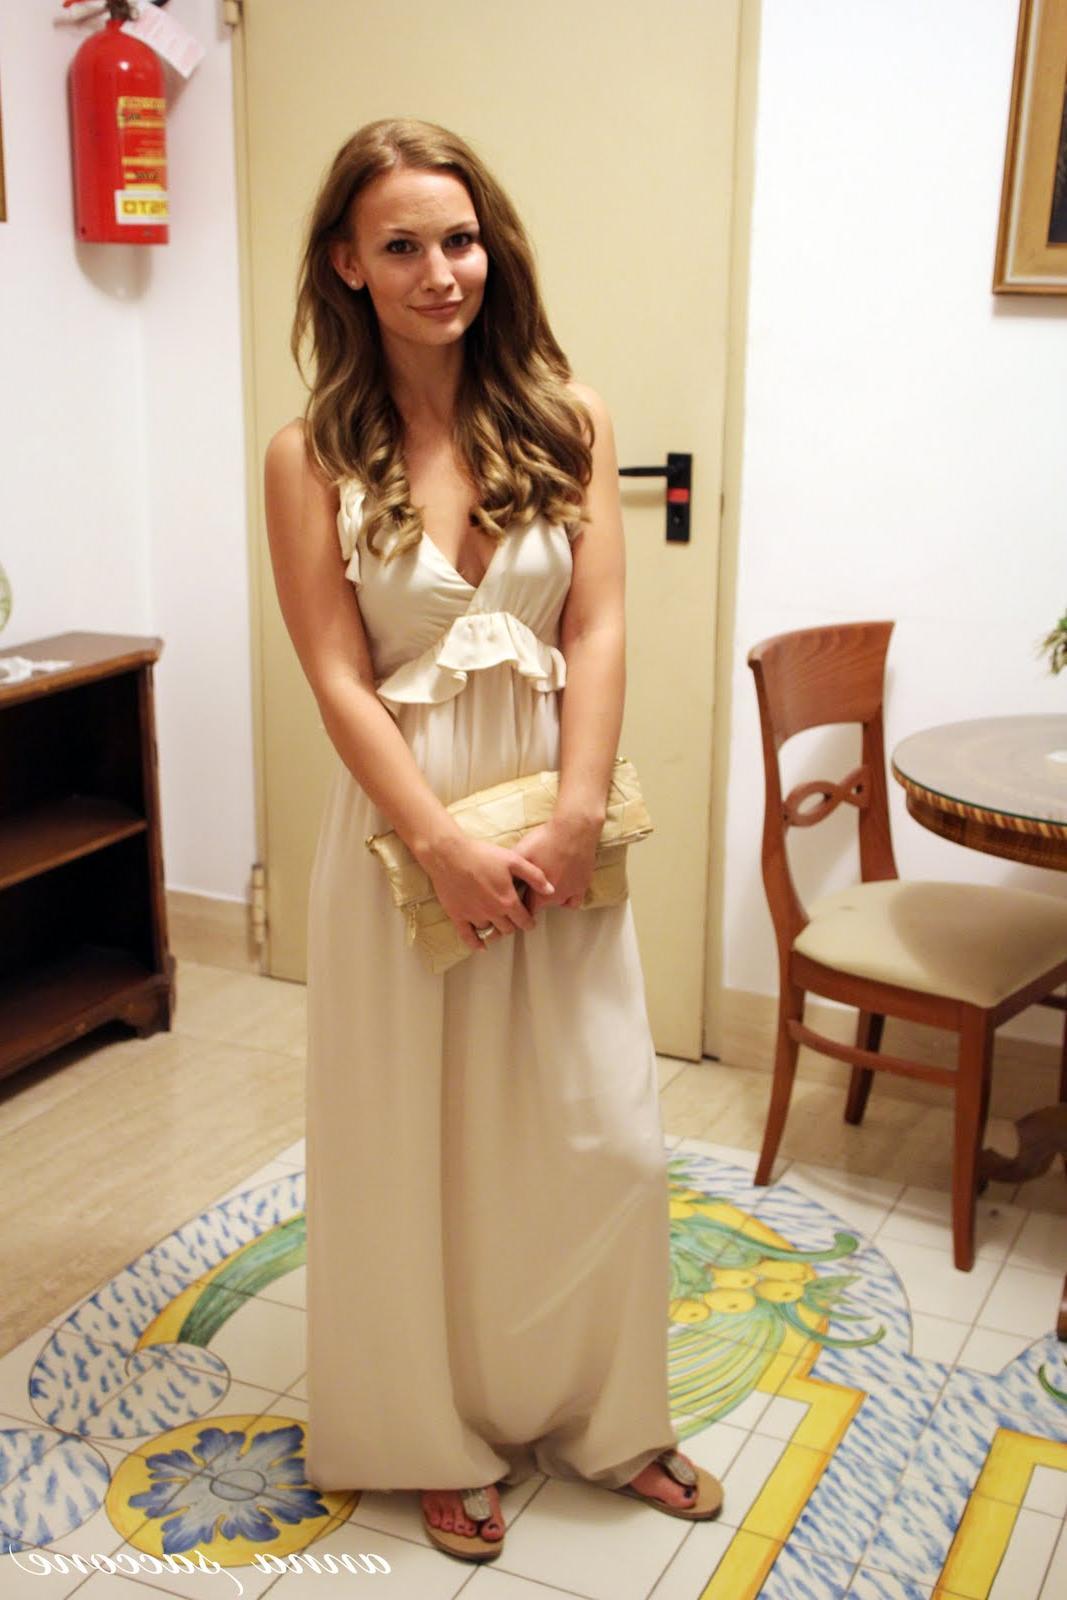 Sukura Maxi Dress from French